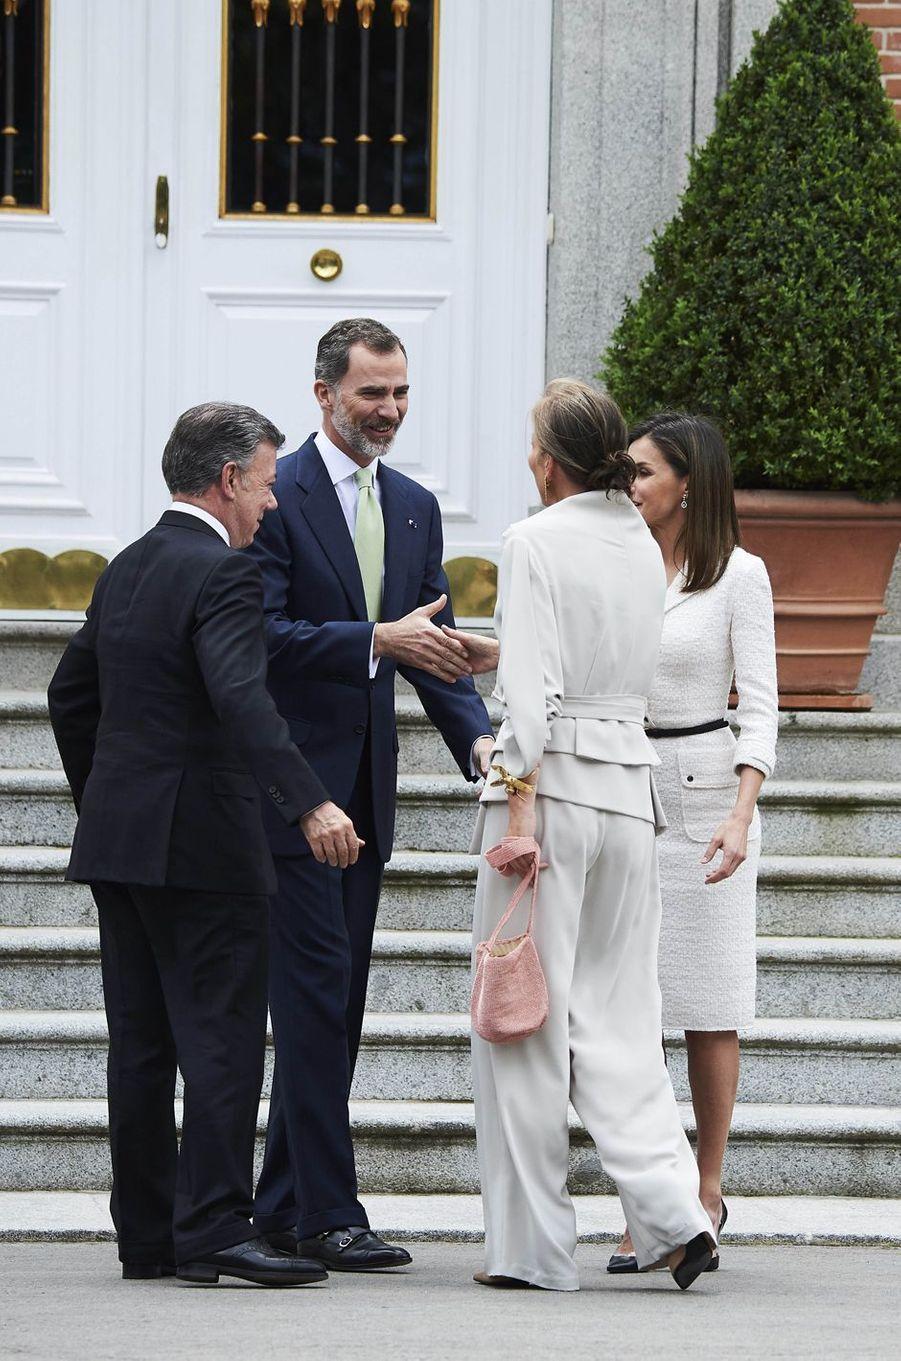 La reine Letizia et le roi Felipe VI d'Espagne avec le couple présidentiel colombien à Madrid, le 14 mai 2018